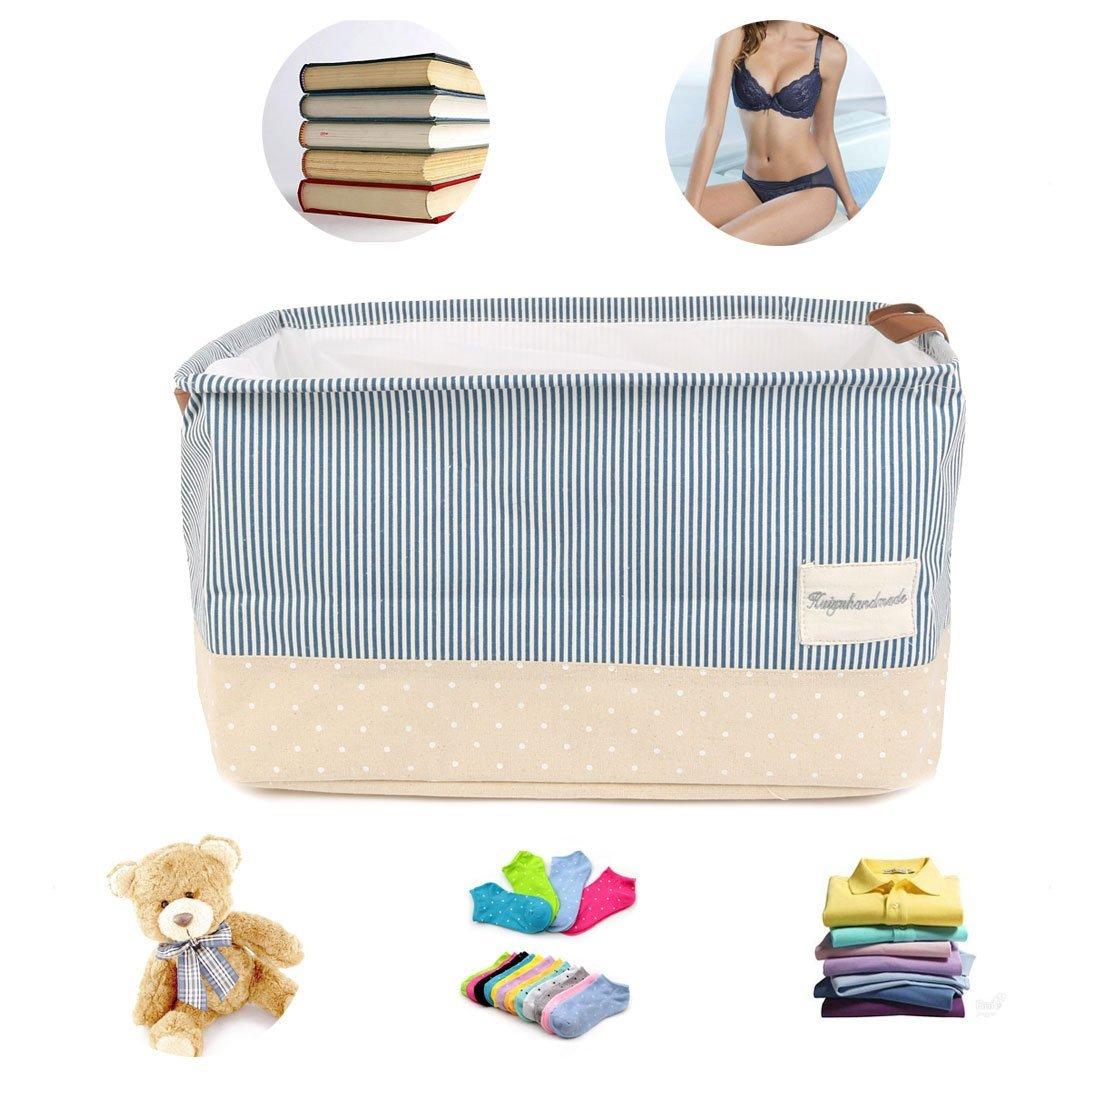 Amazon.com: eDealMax Cestas de almacenamiento p lino del algodón de la cesta de lavadero w Con cordón de cierre se doblan las manijas de Nursery, Closet, ...